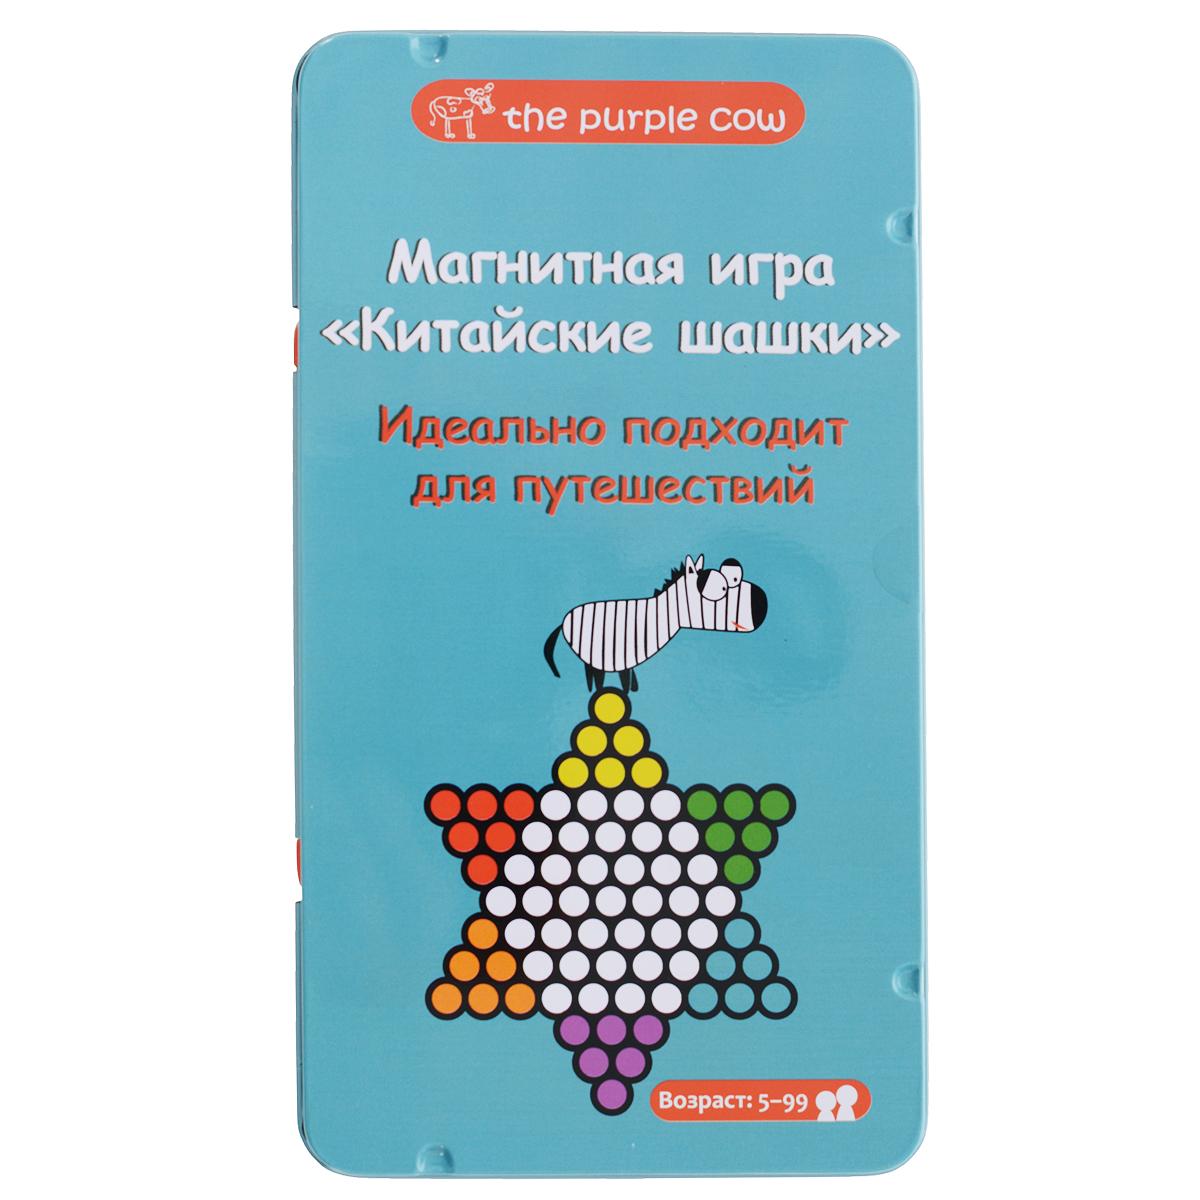 Магнитная игра The Purple Cow Китайские шашки890346Магнитная игра The Purple Cow Китайские шашки надолго увлечет вашего ребенка. В комплект входят 36 магнитных фишек, а игровое поле расположено на внутренней стороне металлической коробки, в которую упакована игра. Китайские шашки - известная настольная игра наподобие уголков. Игра идет на поле в форме шестиконечной звезды. Фишки располагаются в одном из треугольных лучей. Цель игры: переместить все 6 шашек с одной стороны поля на другую. Подготовка к игре: каждый игрок берет набор из шести шашек одного цвета и размещает их в одном из углов шестиконечной звезды. Если в игре участвует два или четыре человека, углы выбираются напротив друг друга. Если играют втроем, то каждый участник может играть двумя комплектами шашек. Если играют пятеро, самый неопытный участник играет напротив пустого угла. Правила игры: игру начинает самый младший игрок. Один ход - это перемещение шашки на одну ячейку в любую сторону. Также можно перемещать шашки, ...